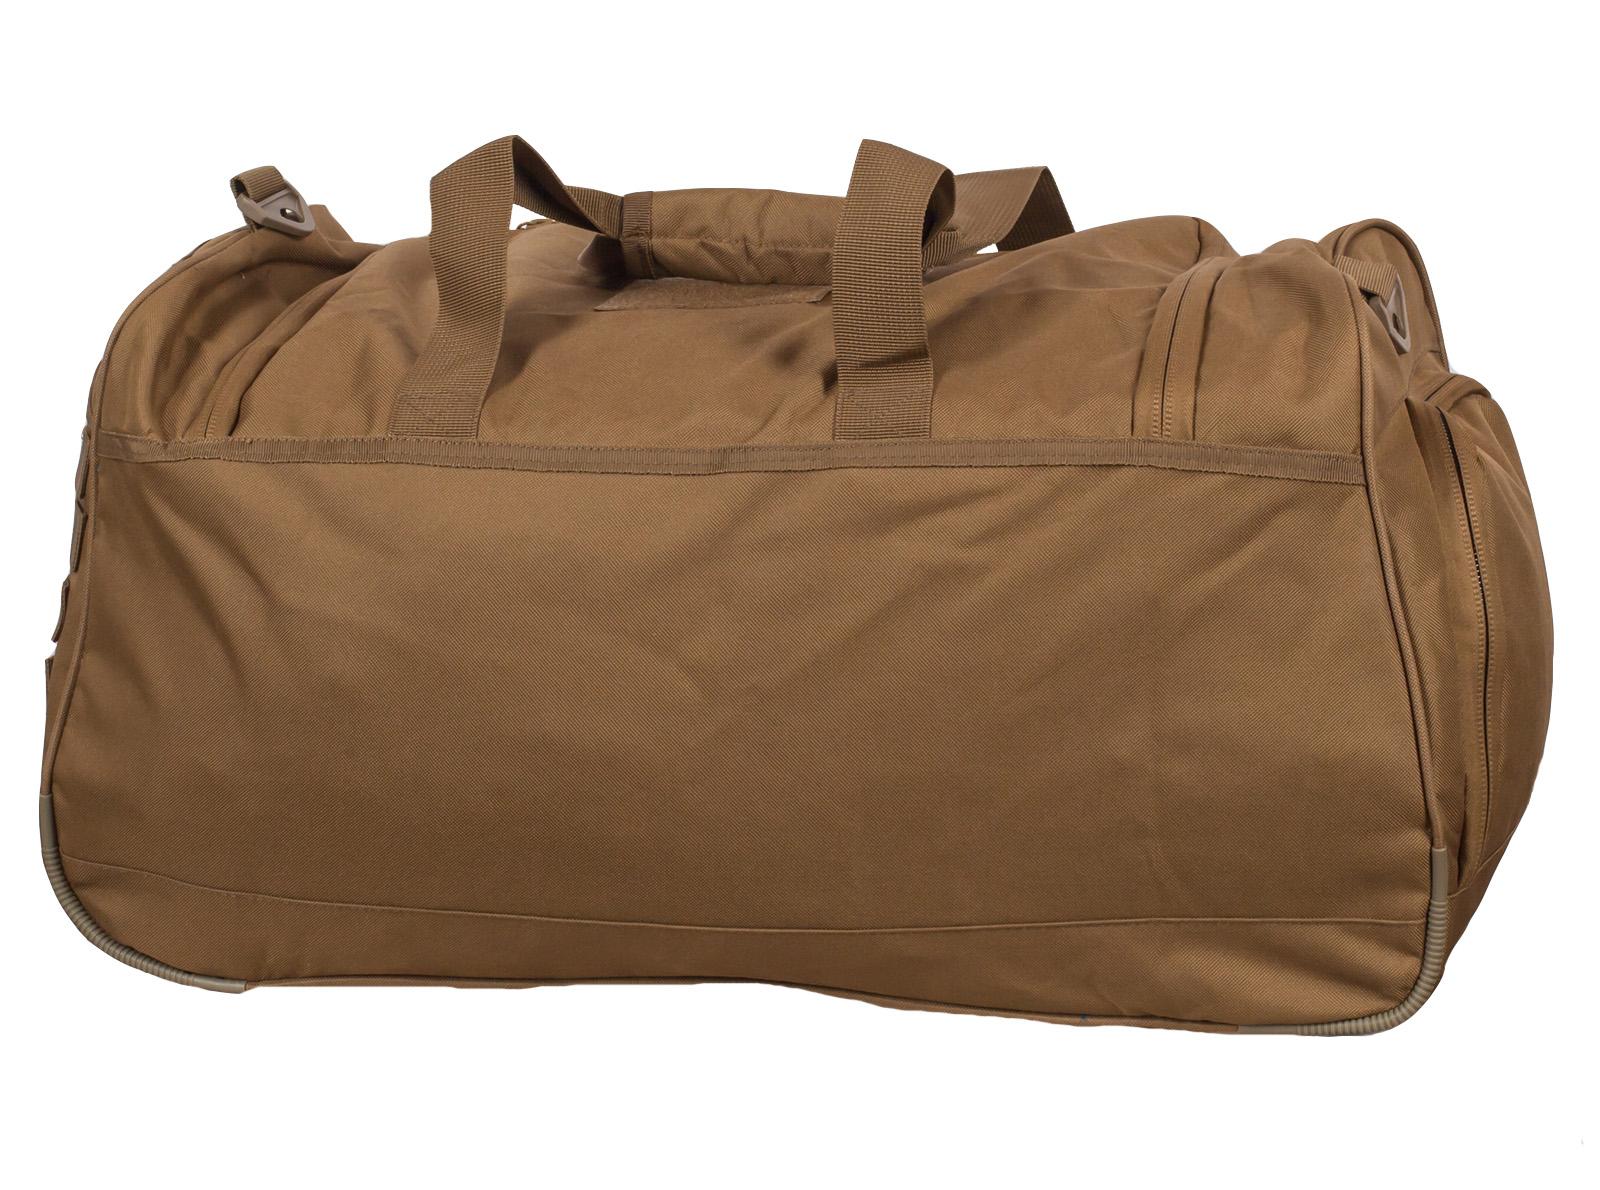 Большая дорожная сумка РХБЗ 08032B Coyote - купить с доставкой